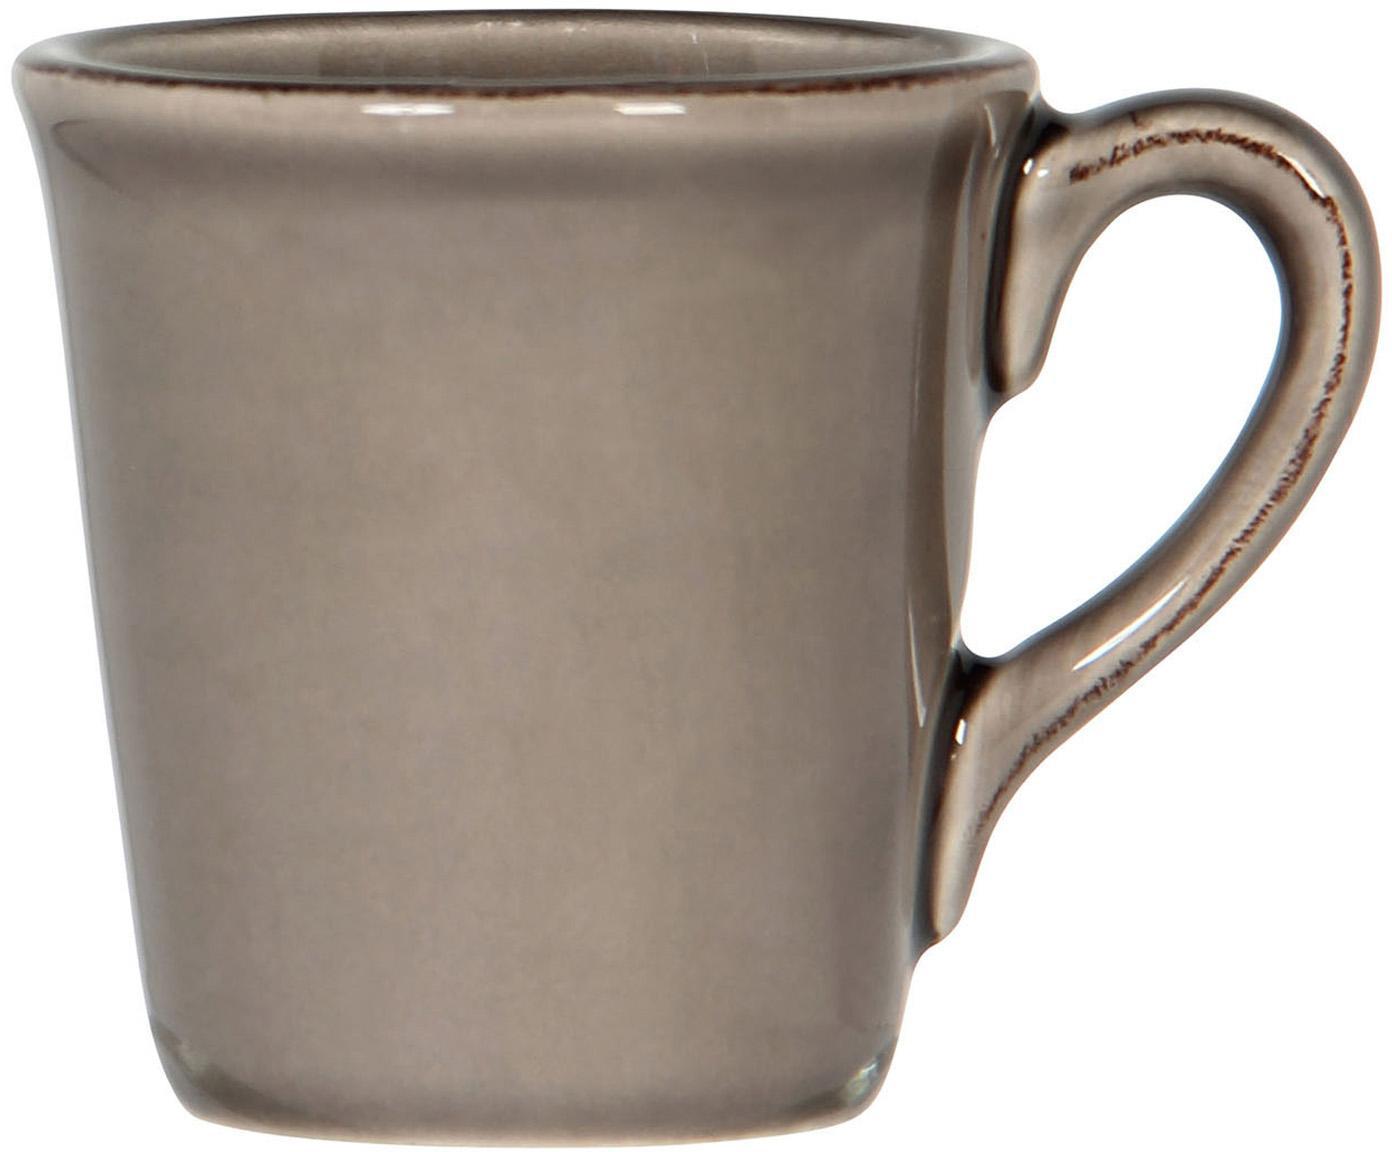 Tazas de café Constance, 2uds., estilo rústico, Gres, Marrón, Ø 8 x Al 6